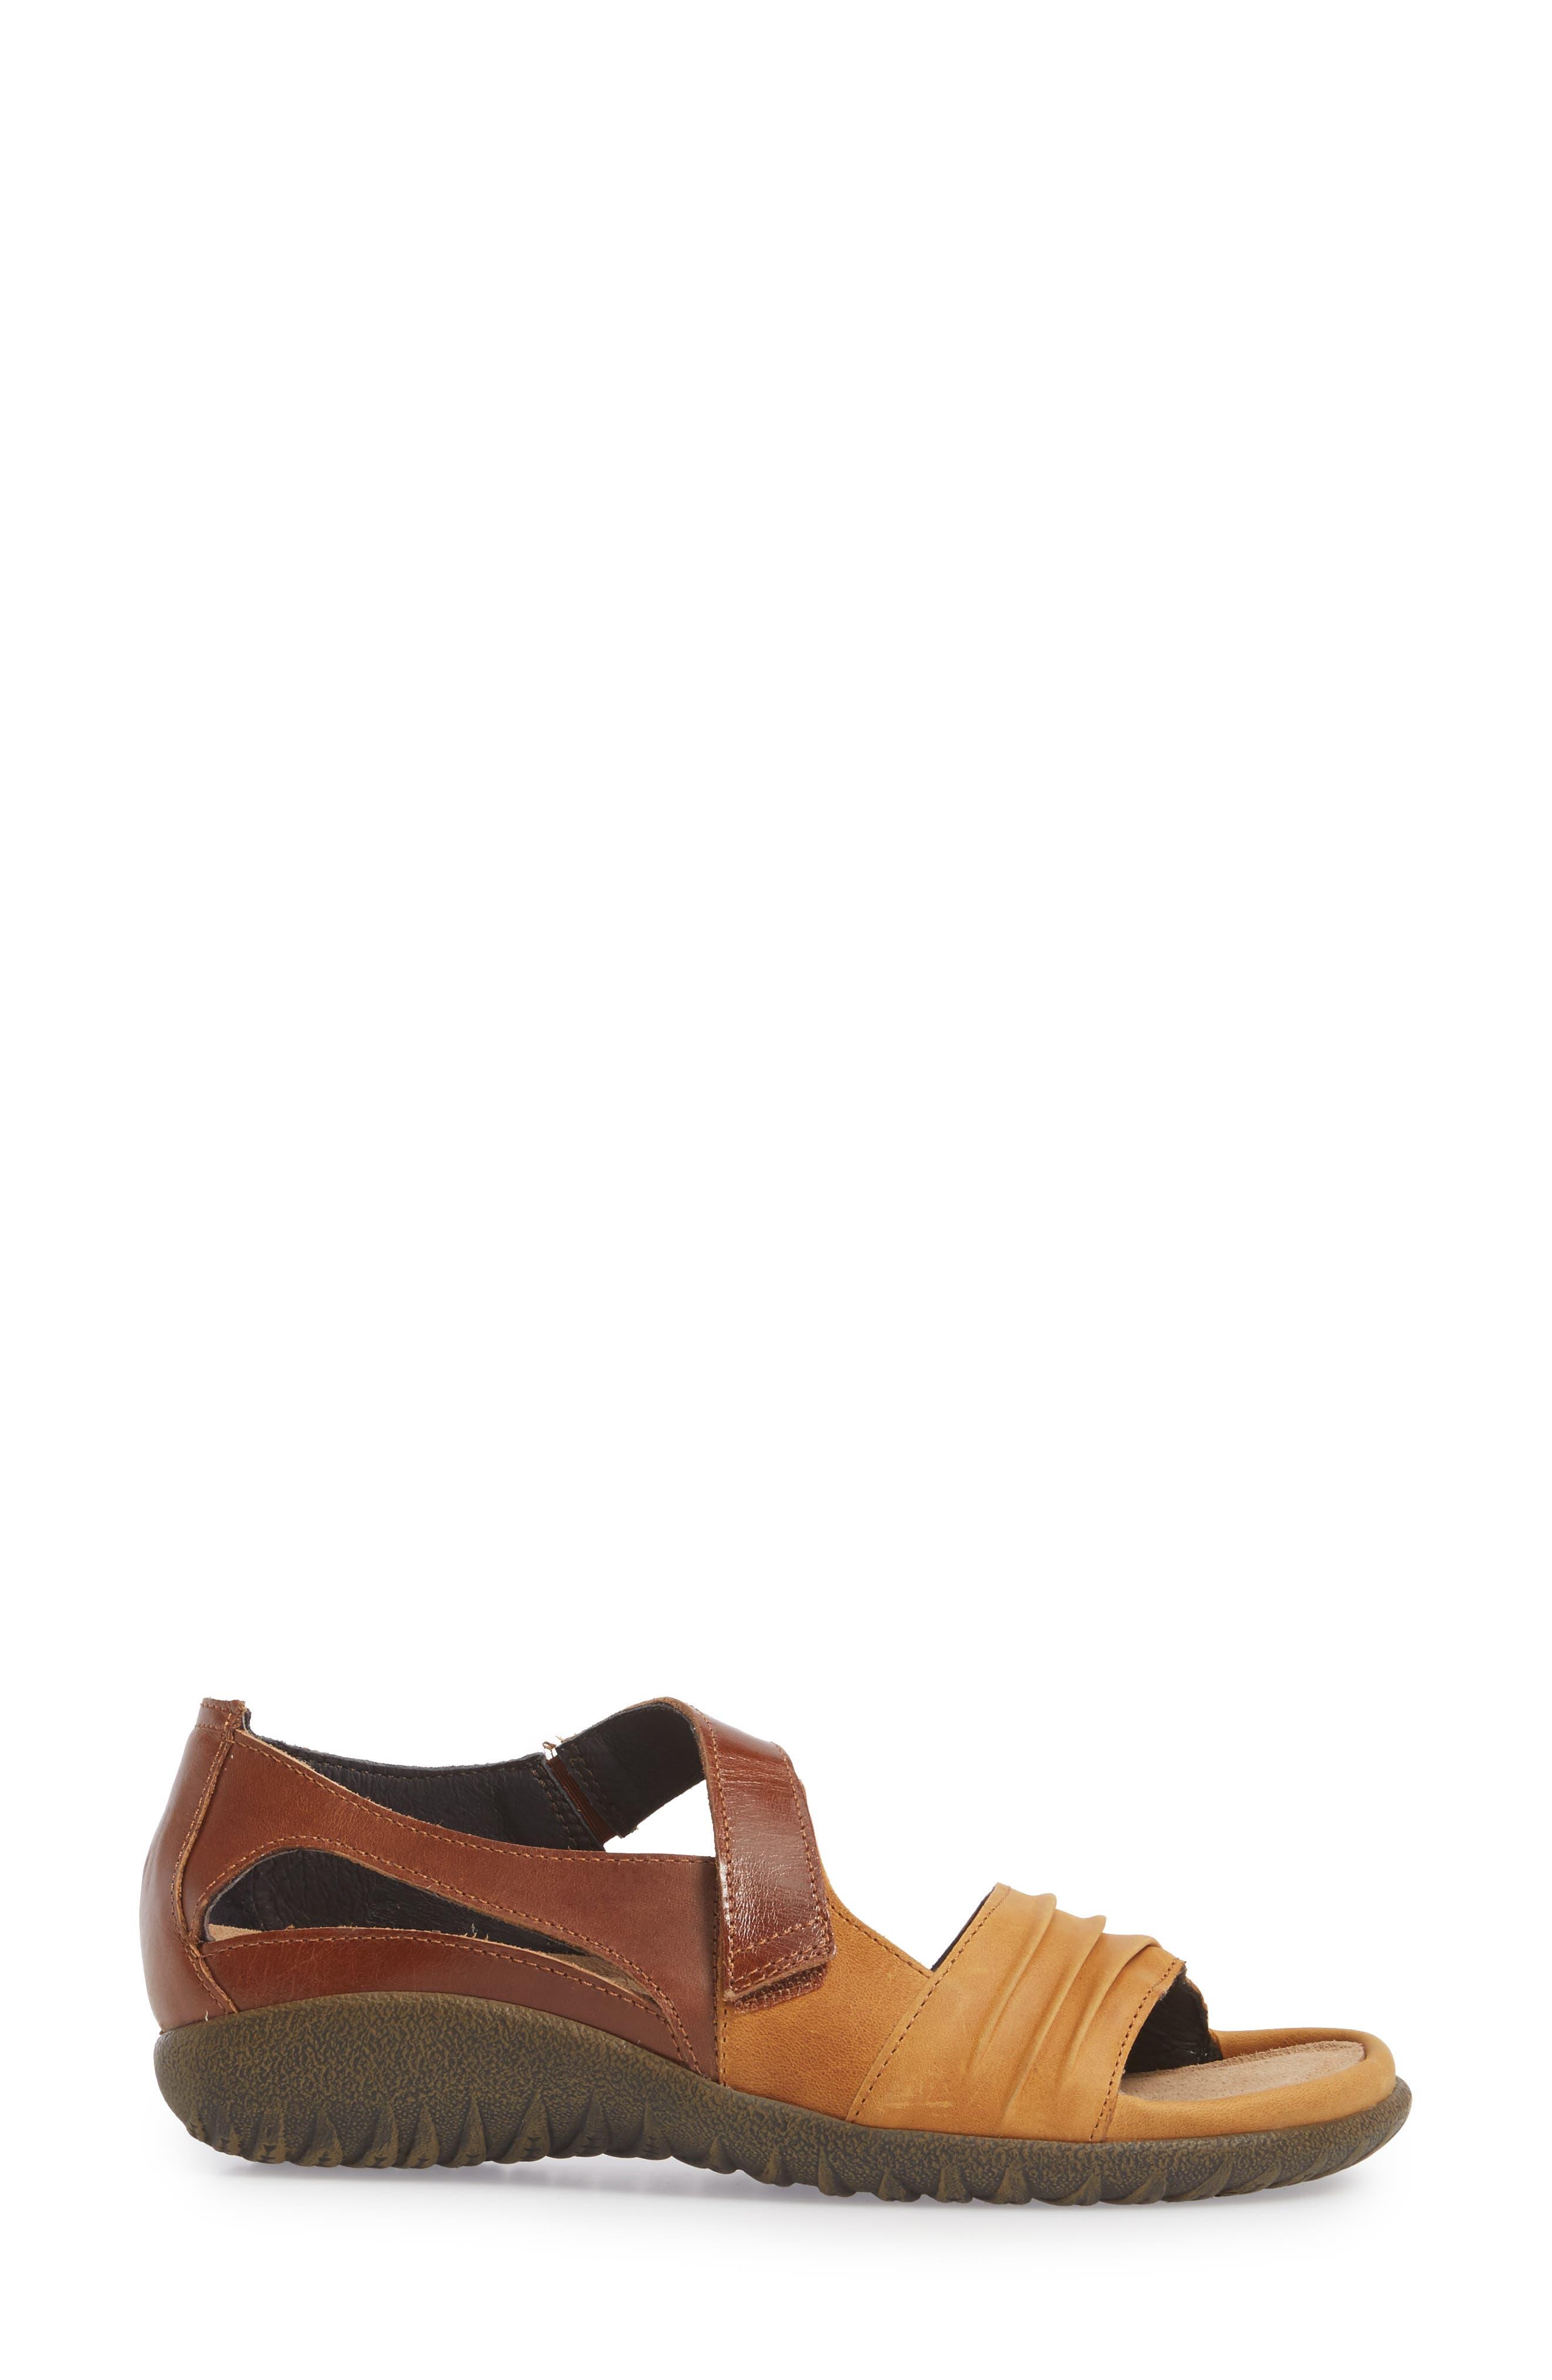 'Papaki' Sandal,                             Alternate thumbnail 3, color,                             Oily Dune Nubuck